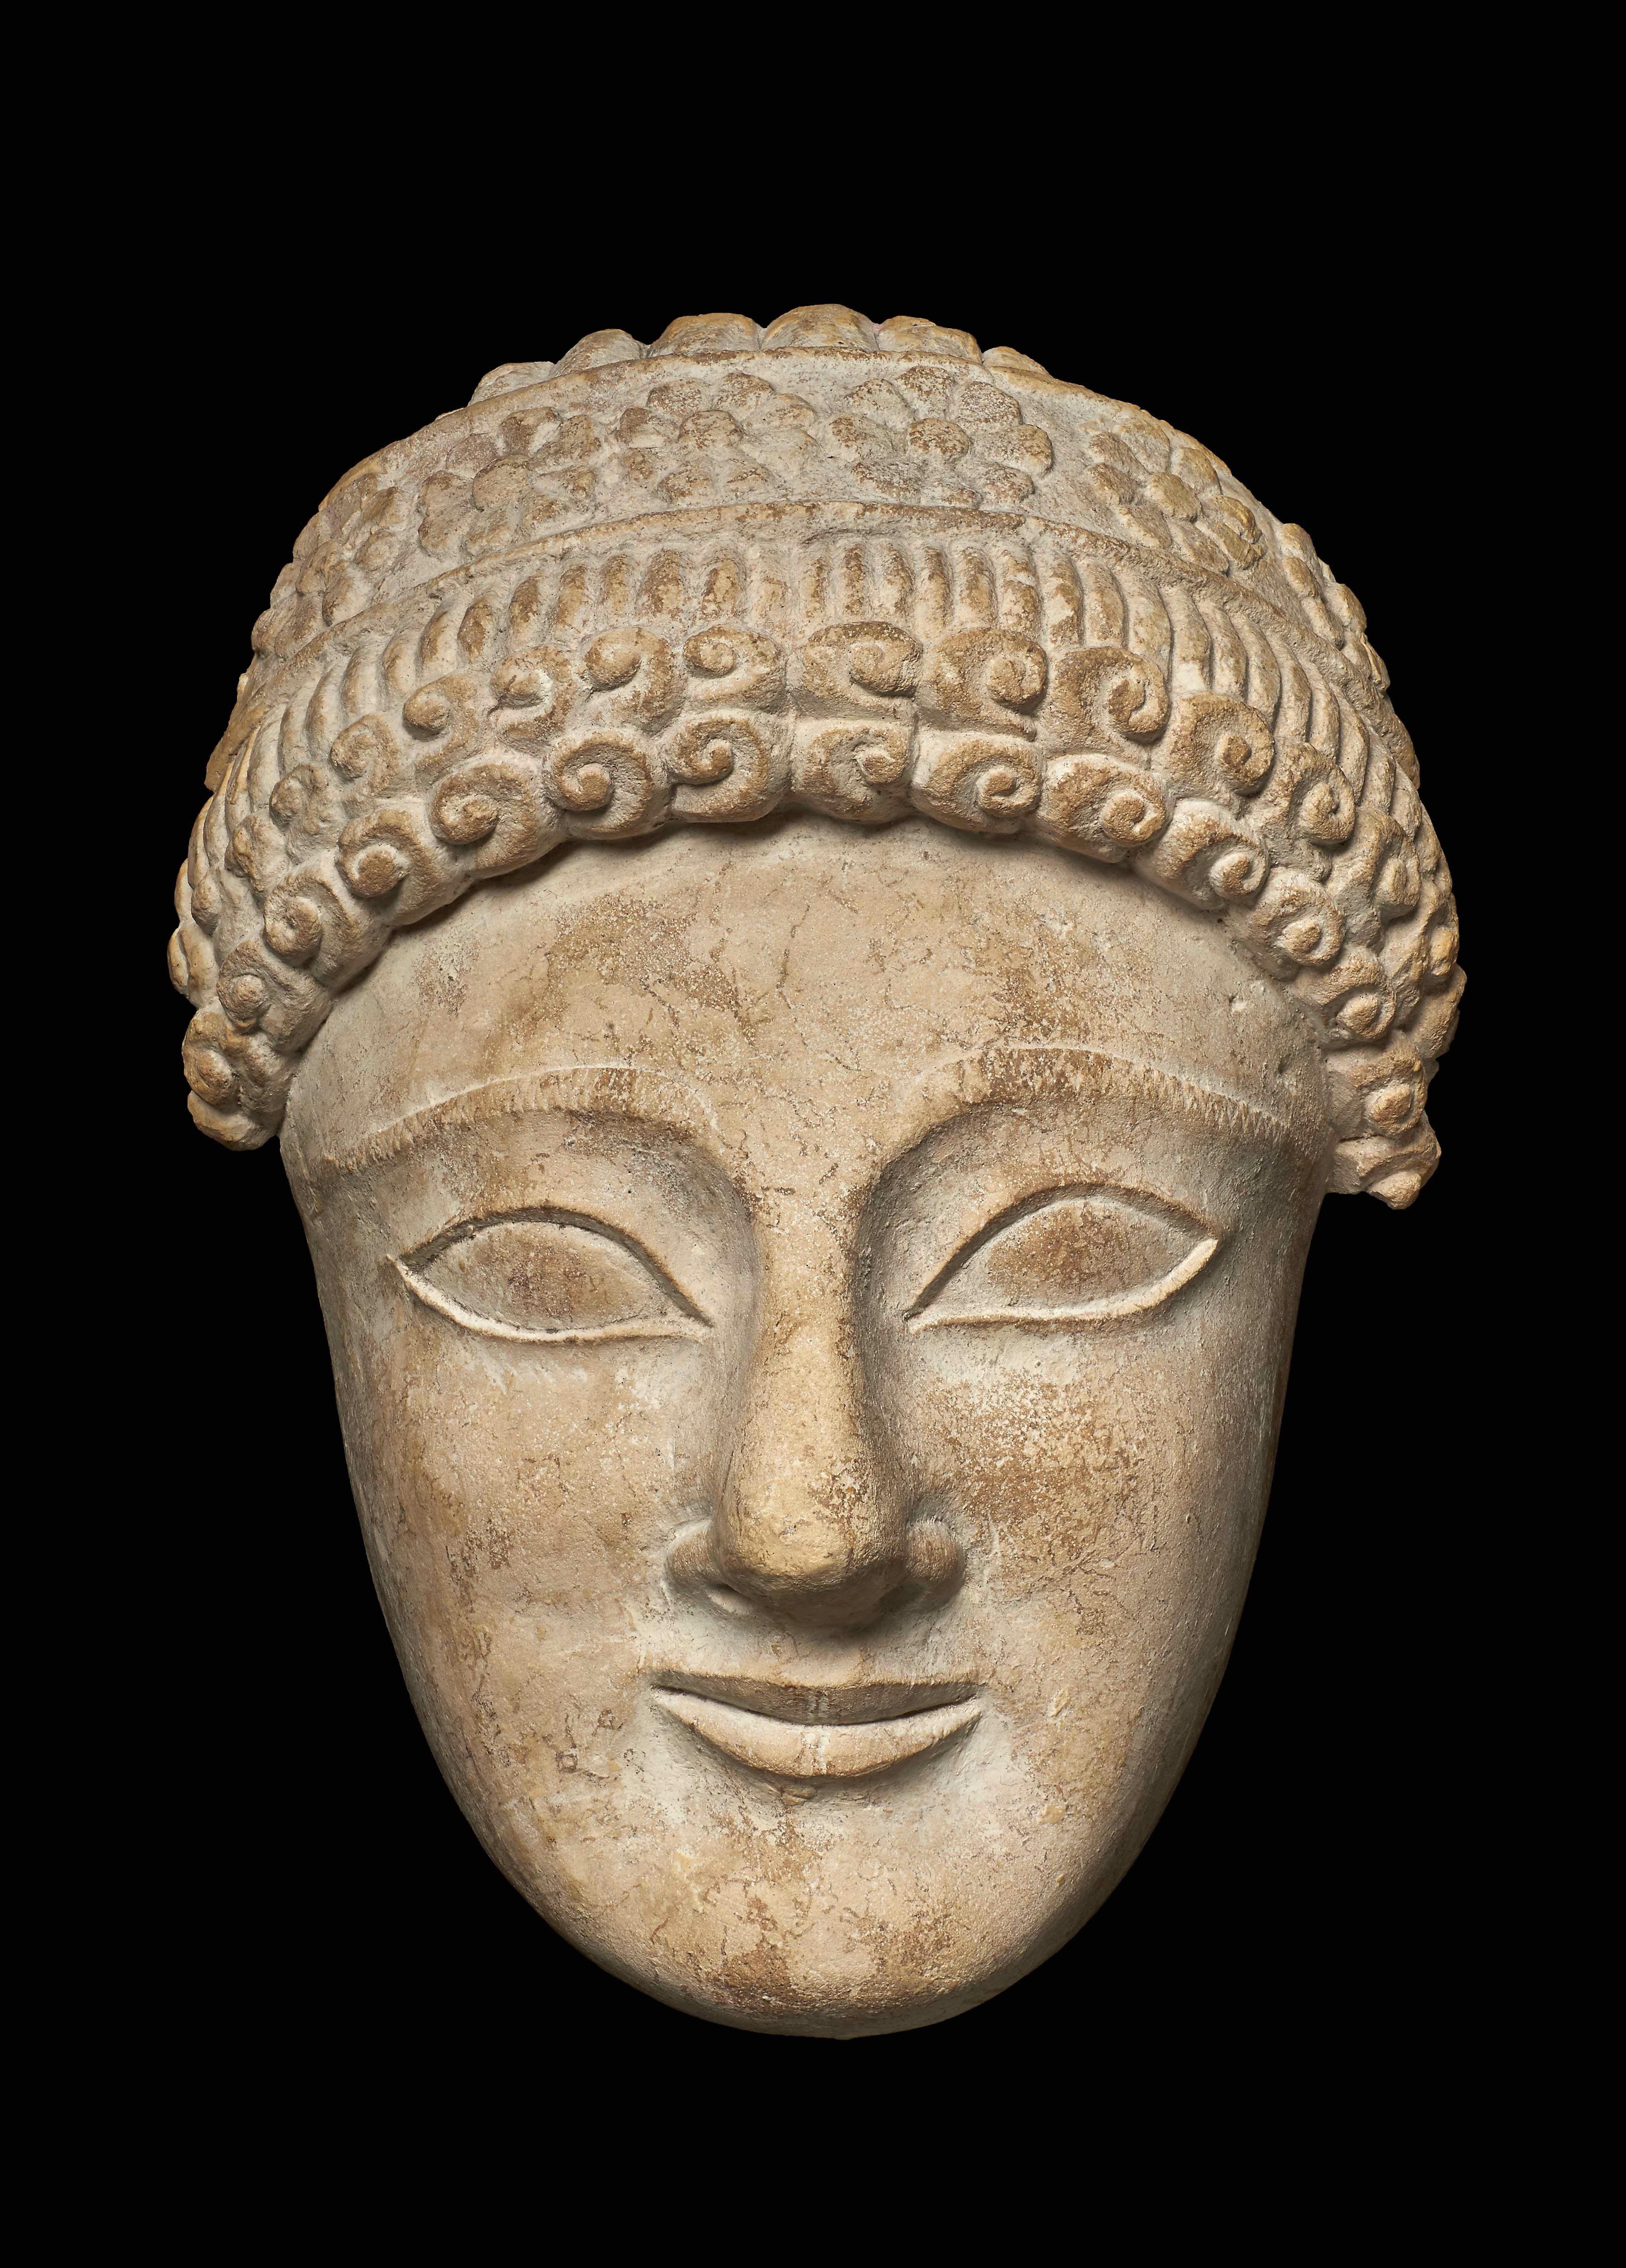 i-cabeza-de-un-devoto-masculino-i-santuario-de-apolo-reshef-idalion-dhali-chipre-aprox-510-a-c-piedra-calcarea-c